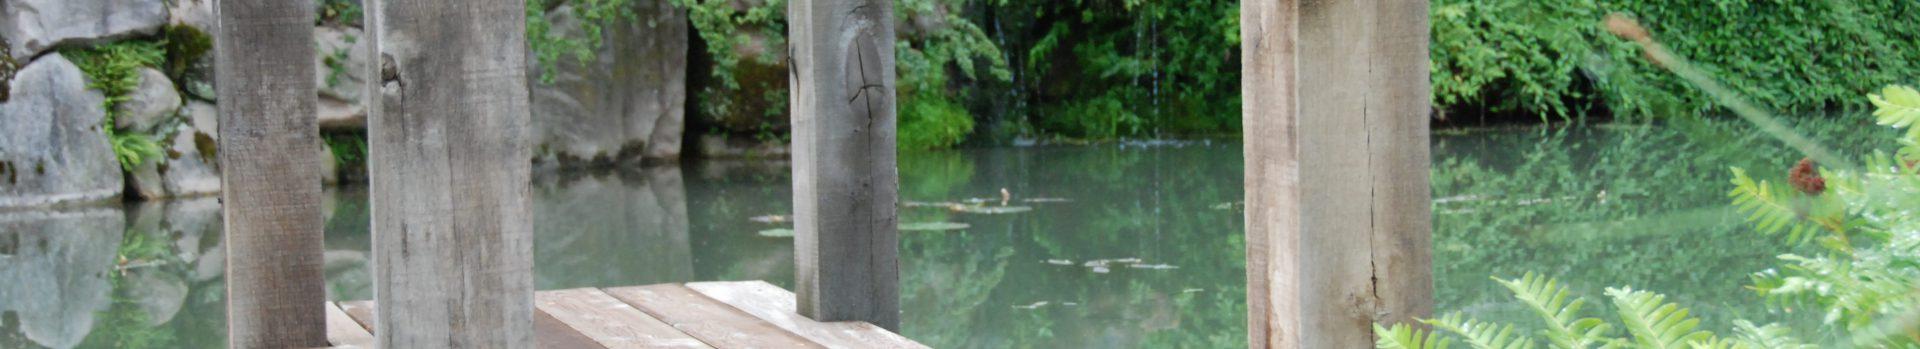 Ponton en bois sur bassin de jardin avec ses Koïs